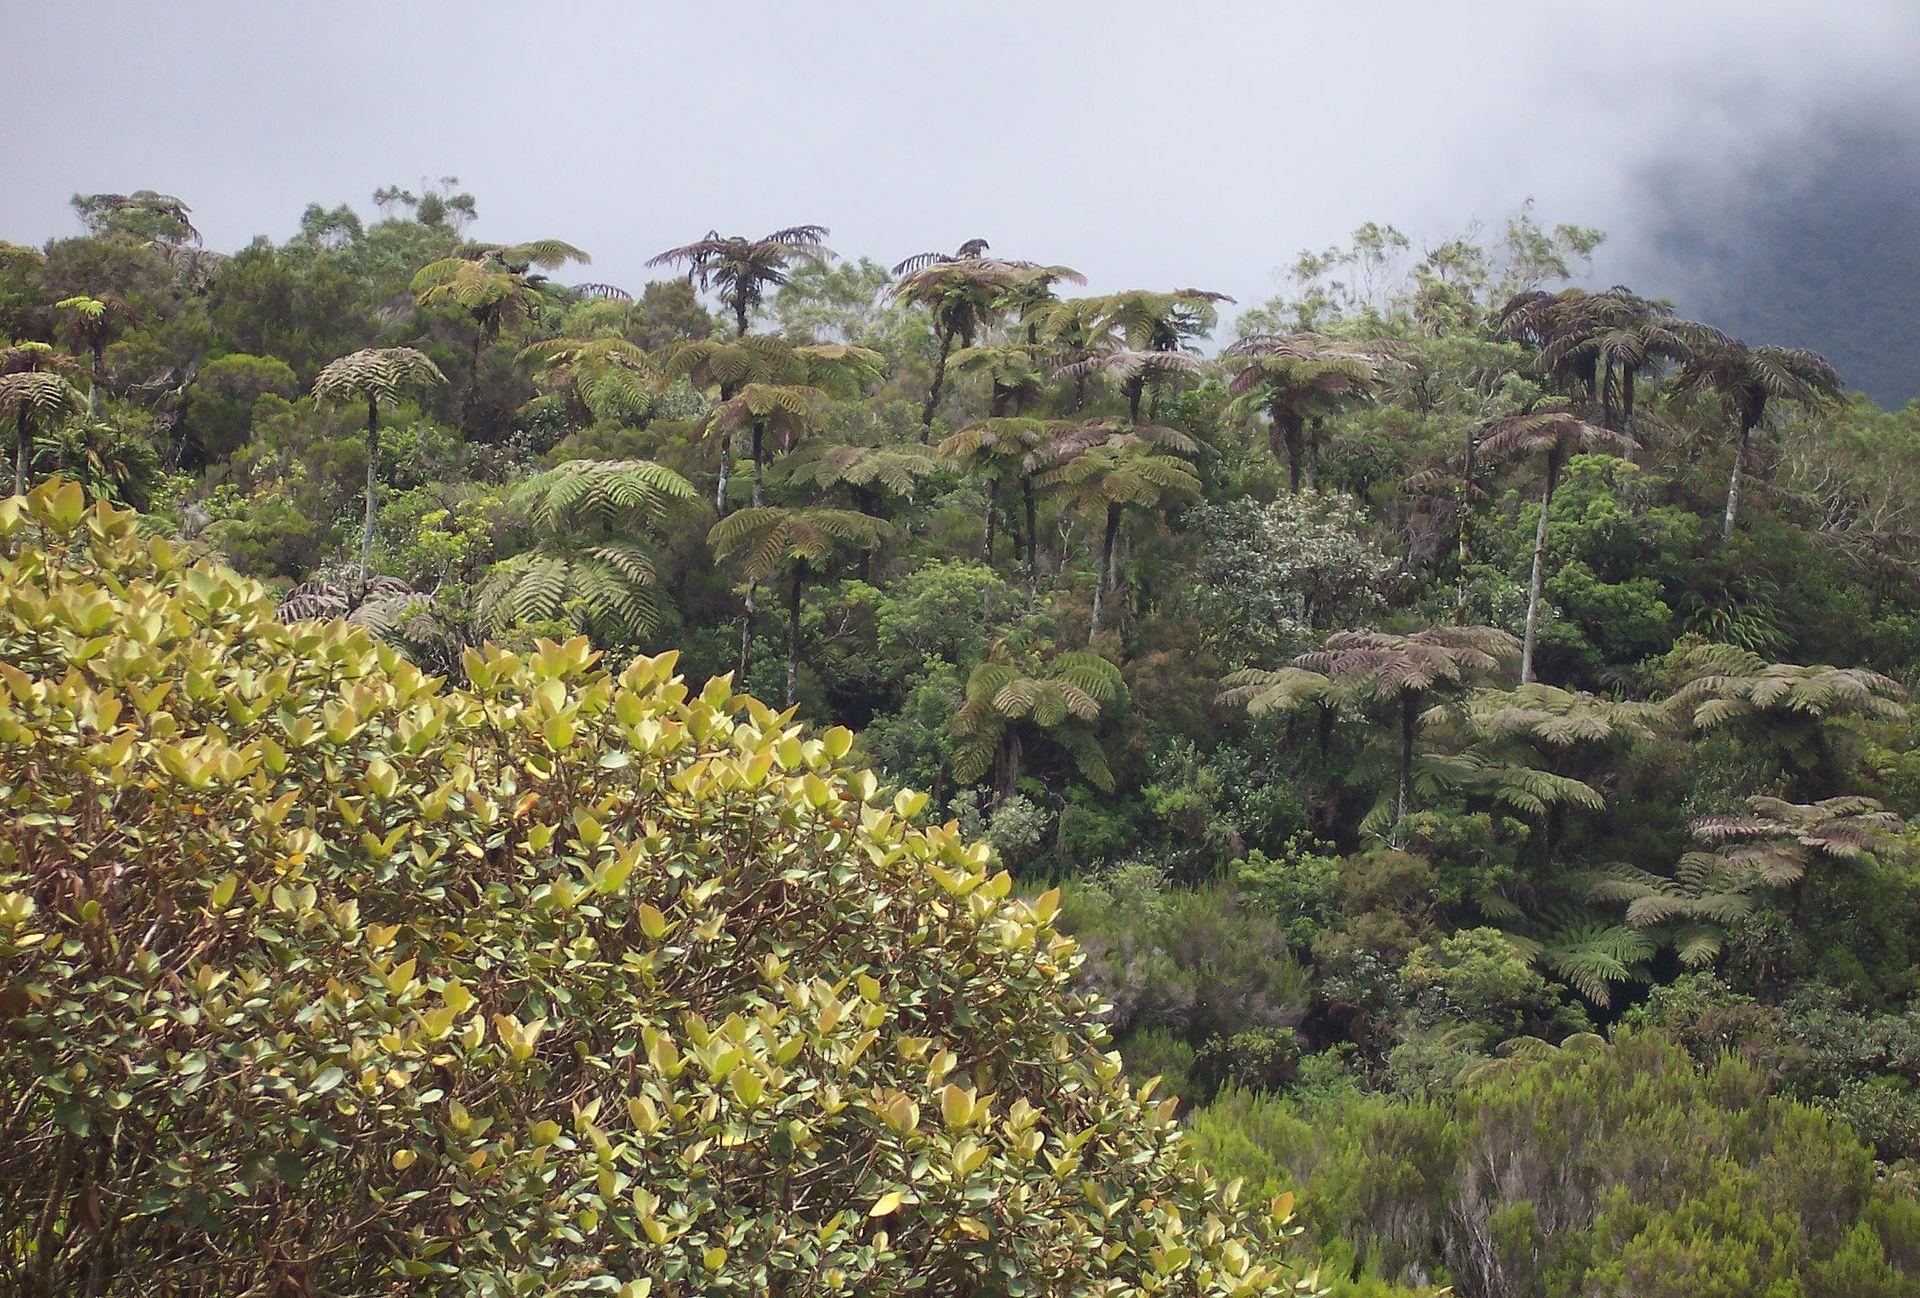 Paysage caractéristique de la forêt de Bébour, riche en fougères arborescentes appelées fanjans